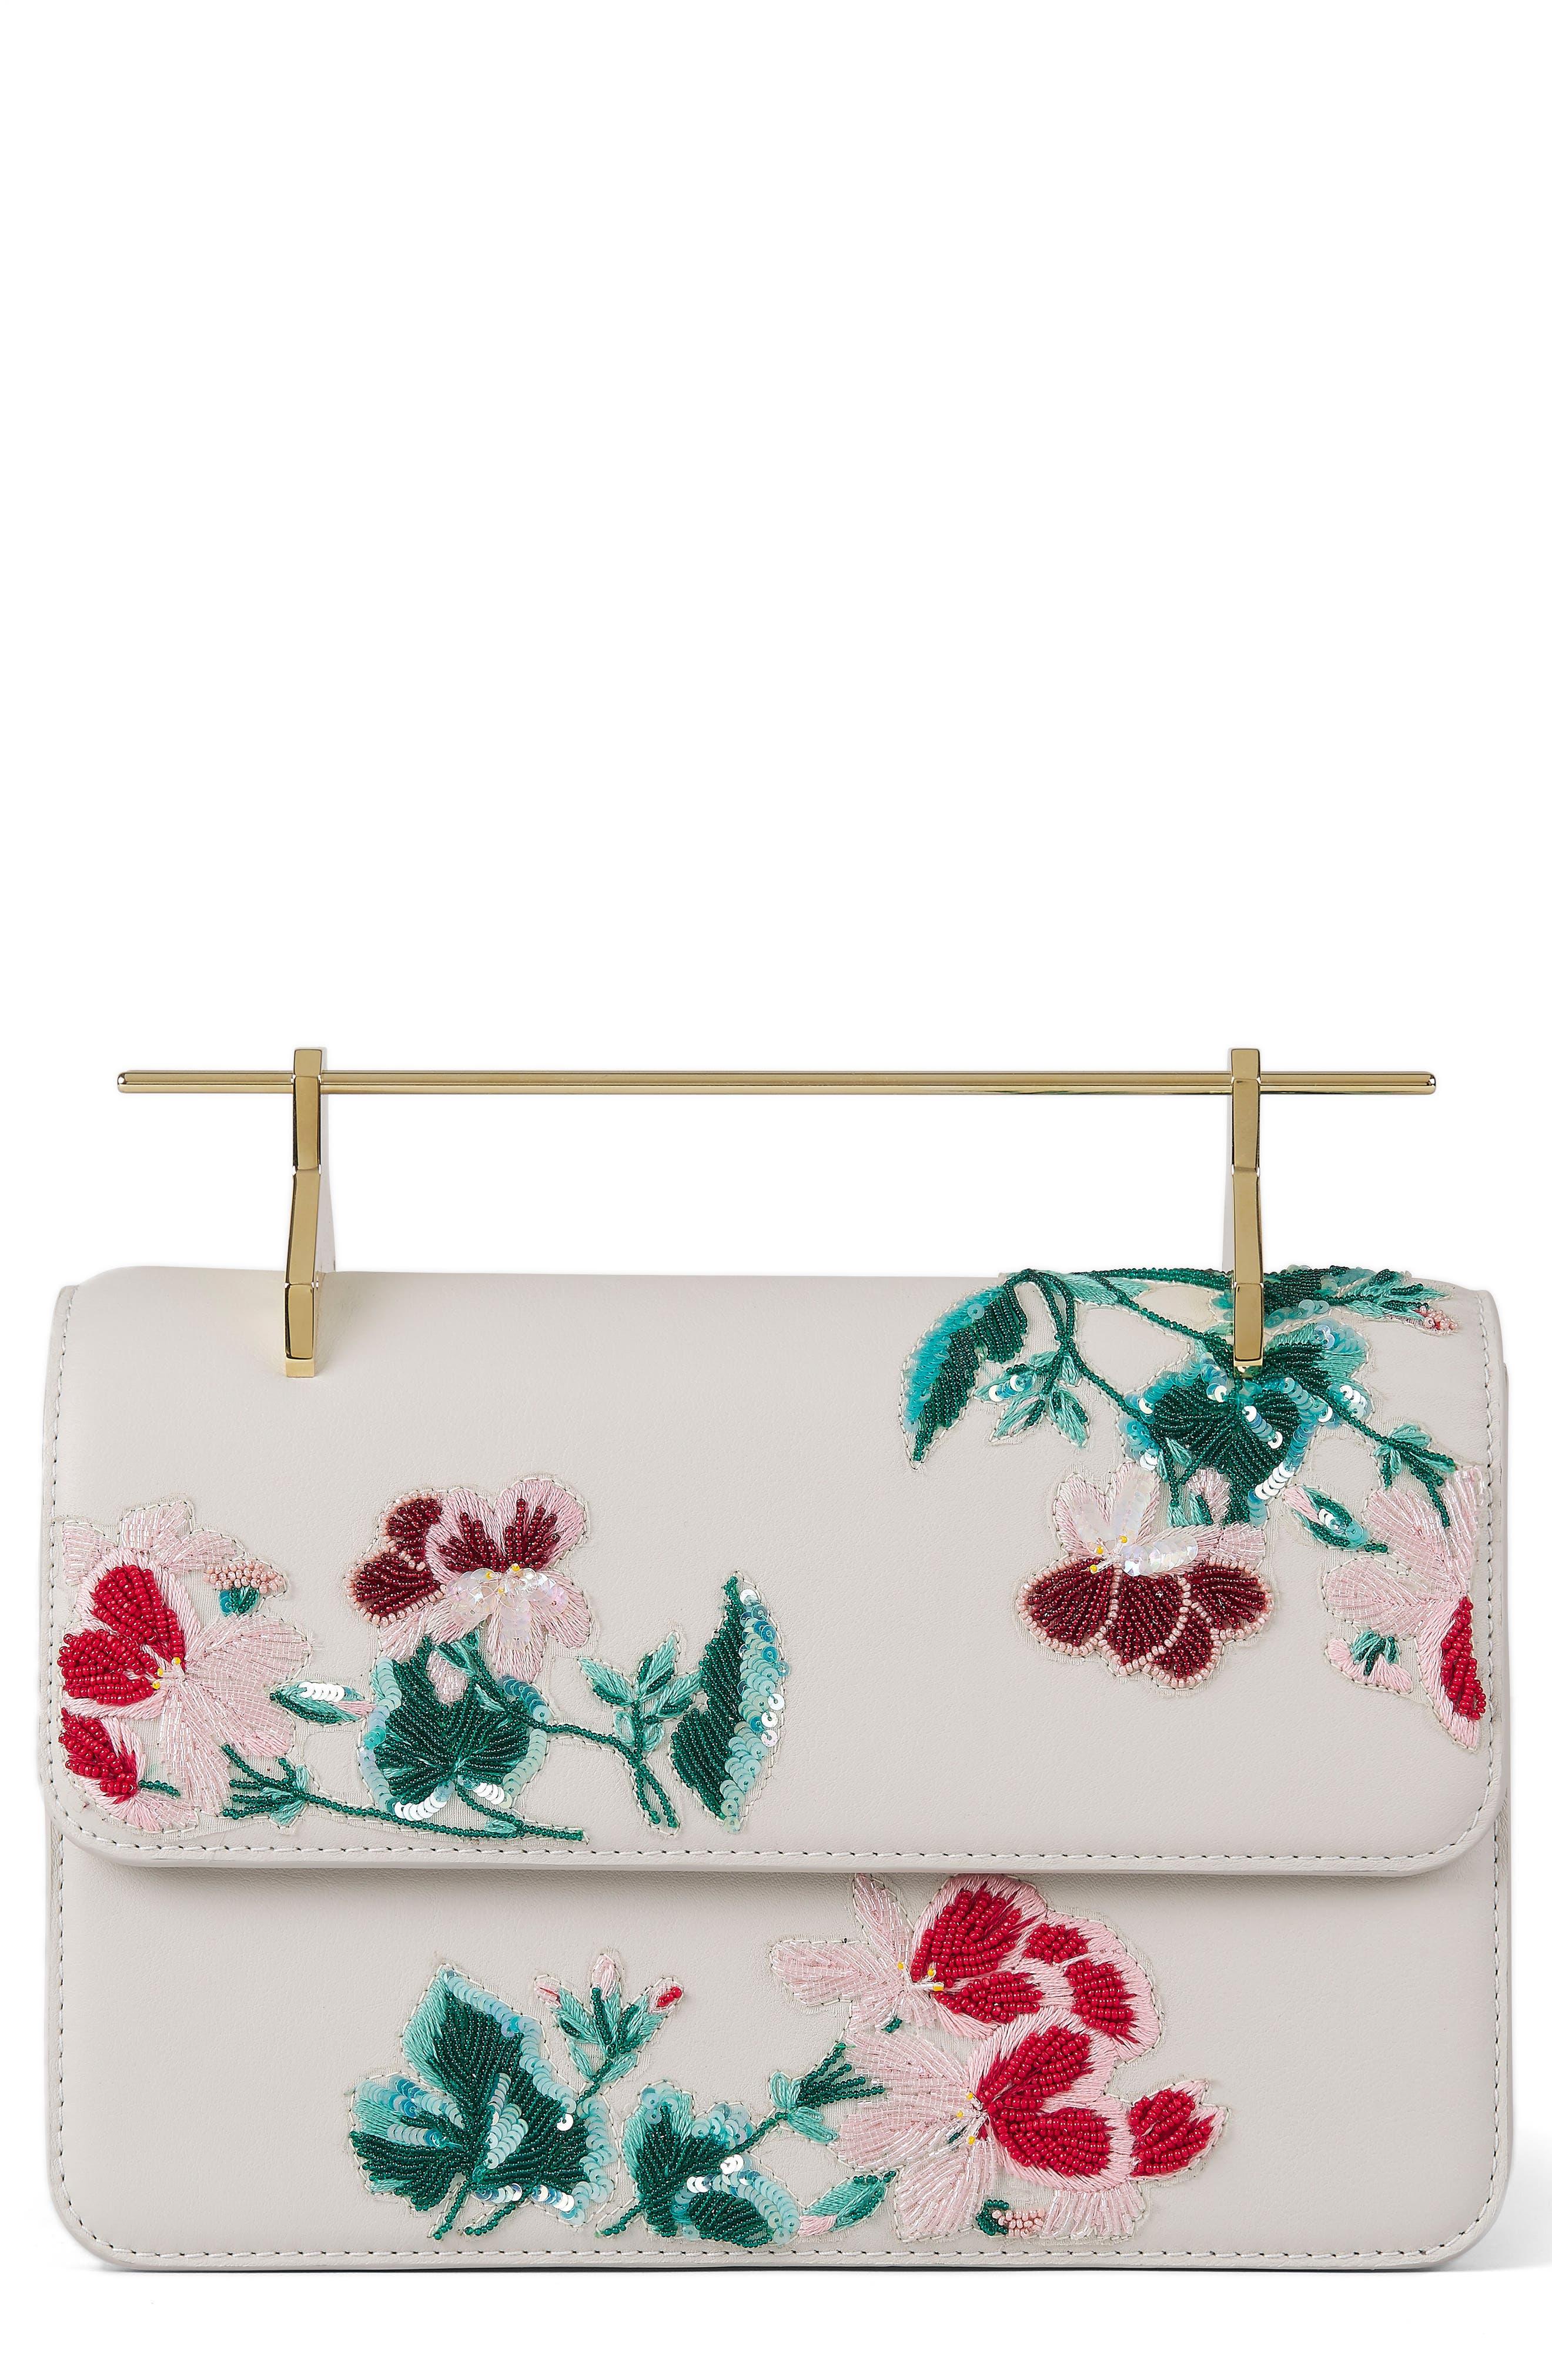 La Fleur du Mal Embellished Calfskin Leather Shoulder Bag,                         Main,                         color,